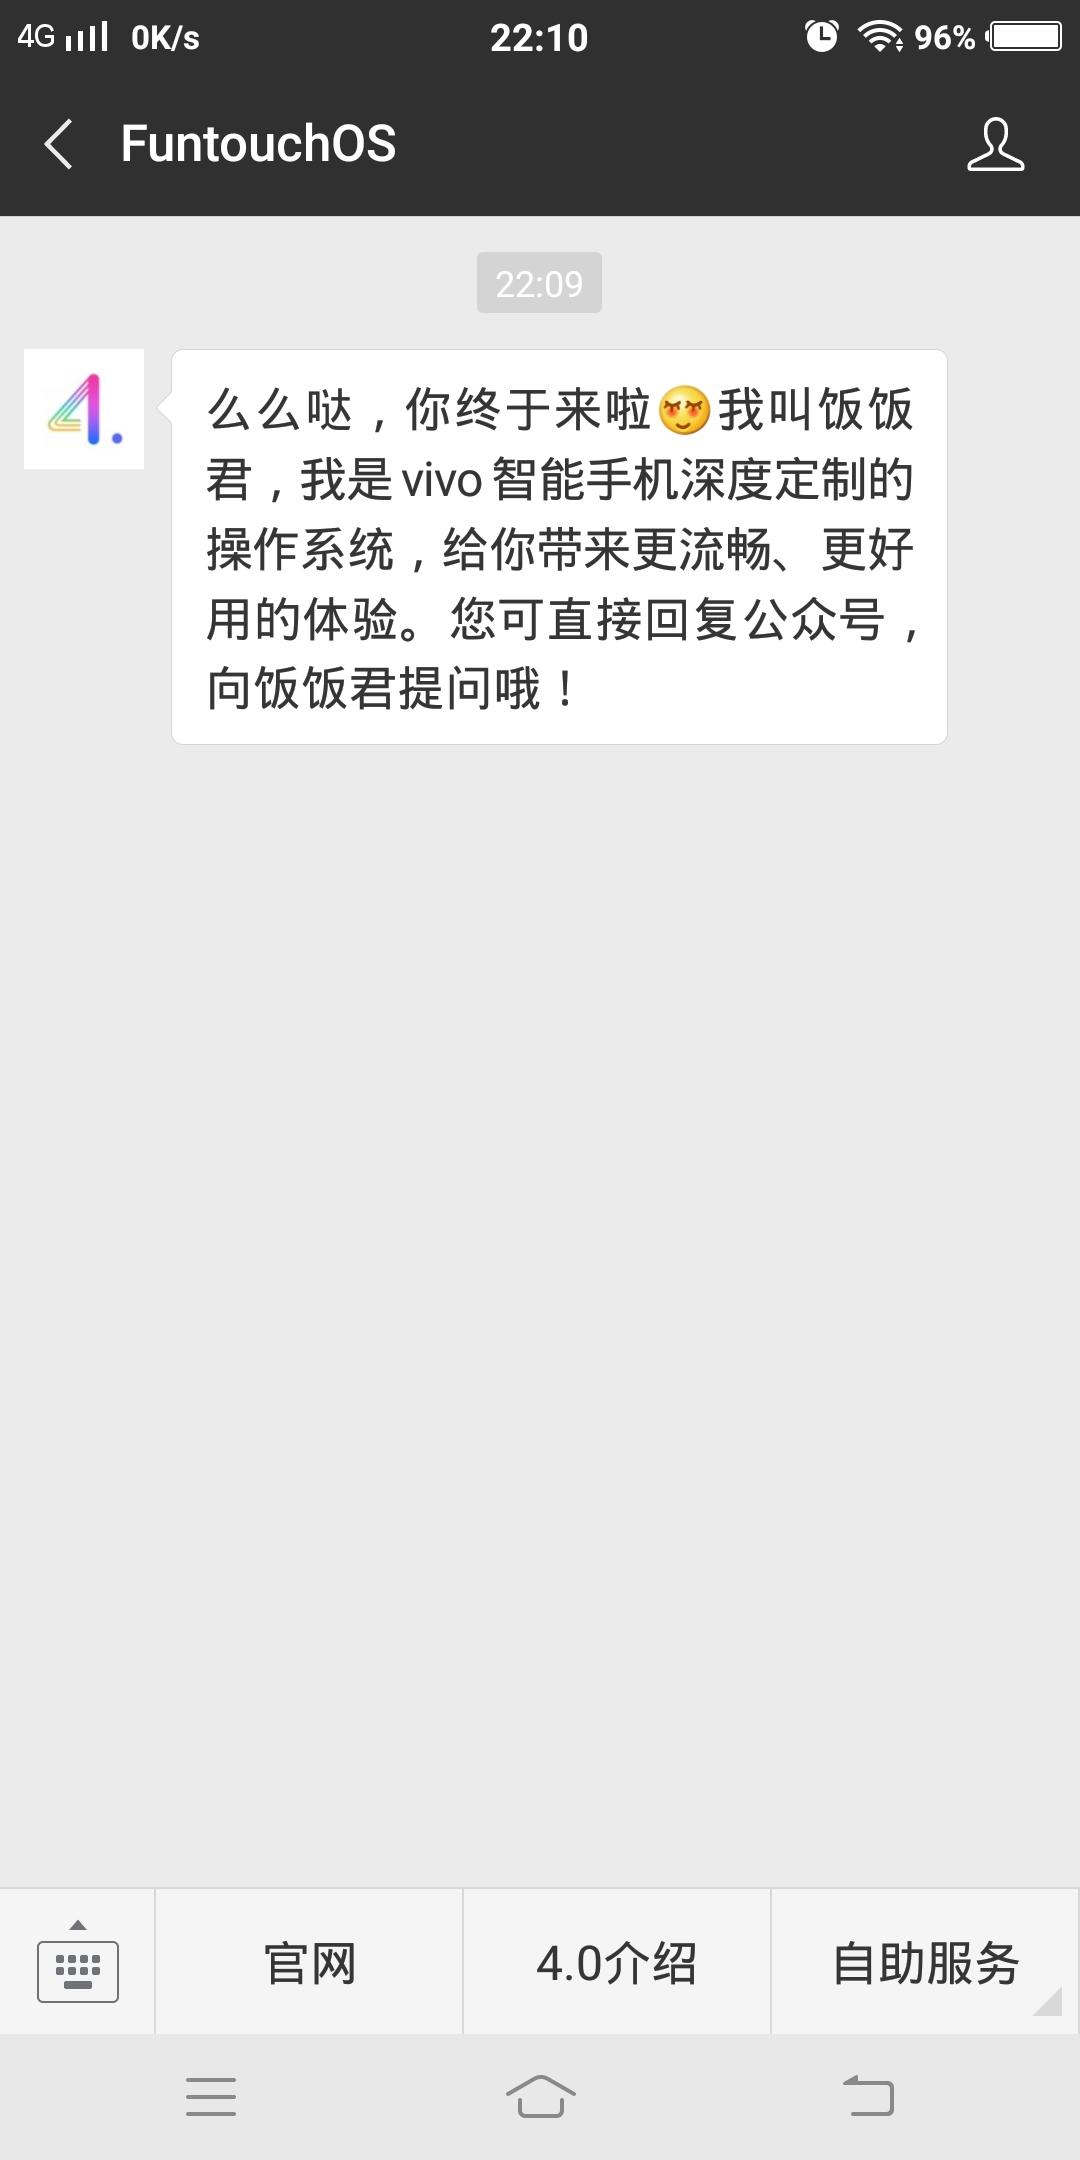 Screenshot_20180621_221002.jpg